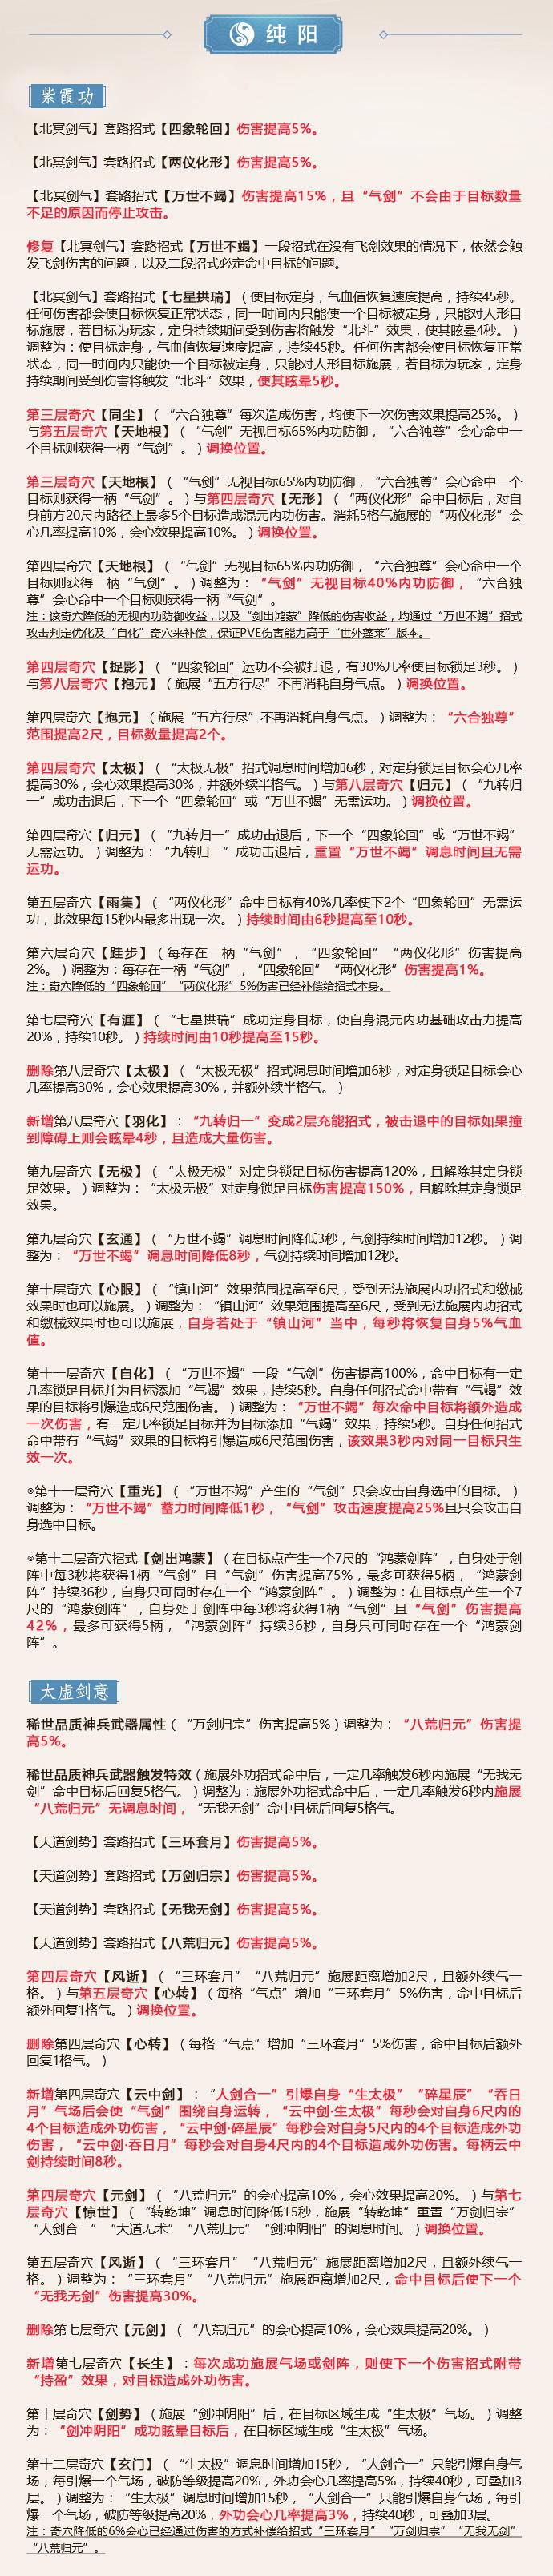 《剑网3》怒海争锋6月20日纯阳技改